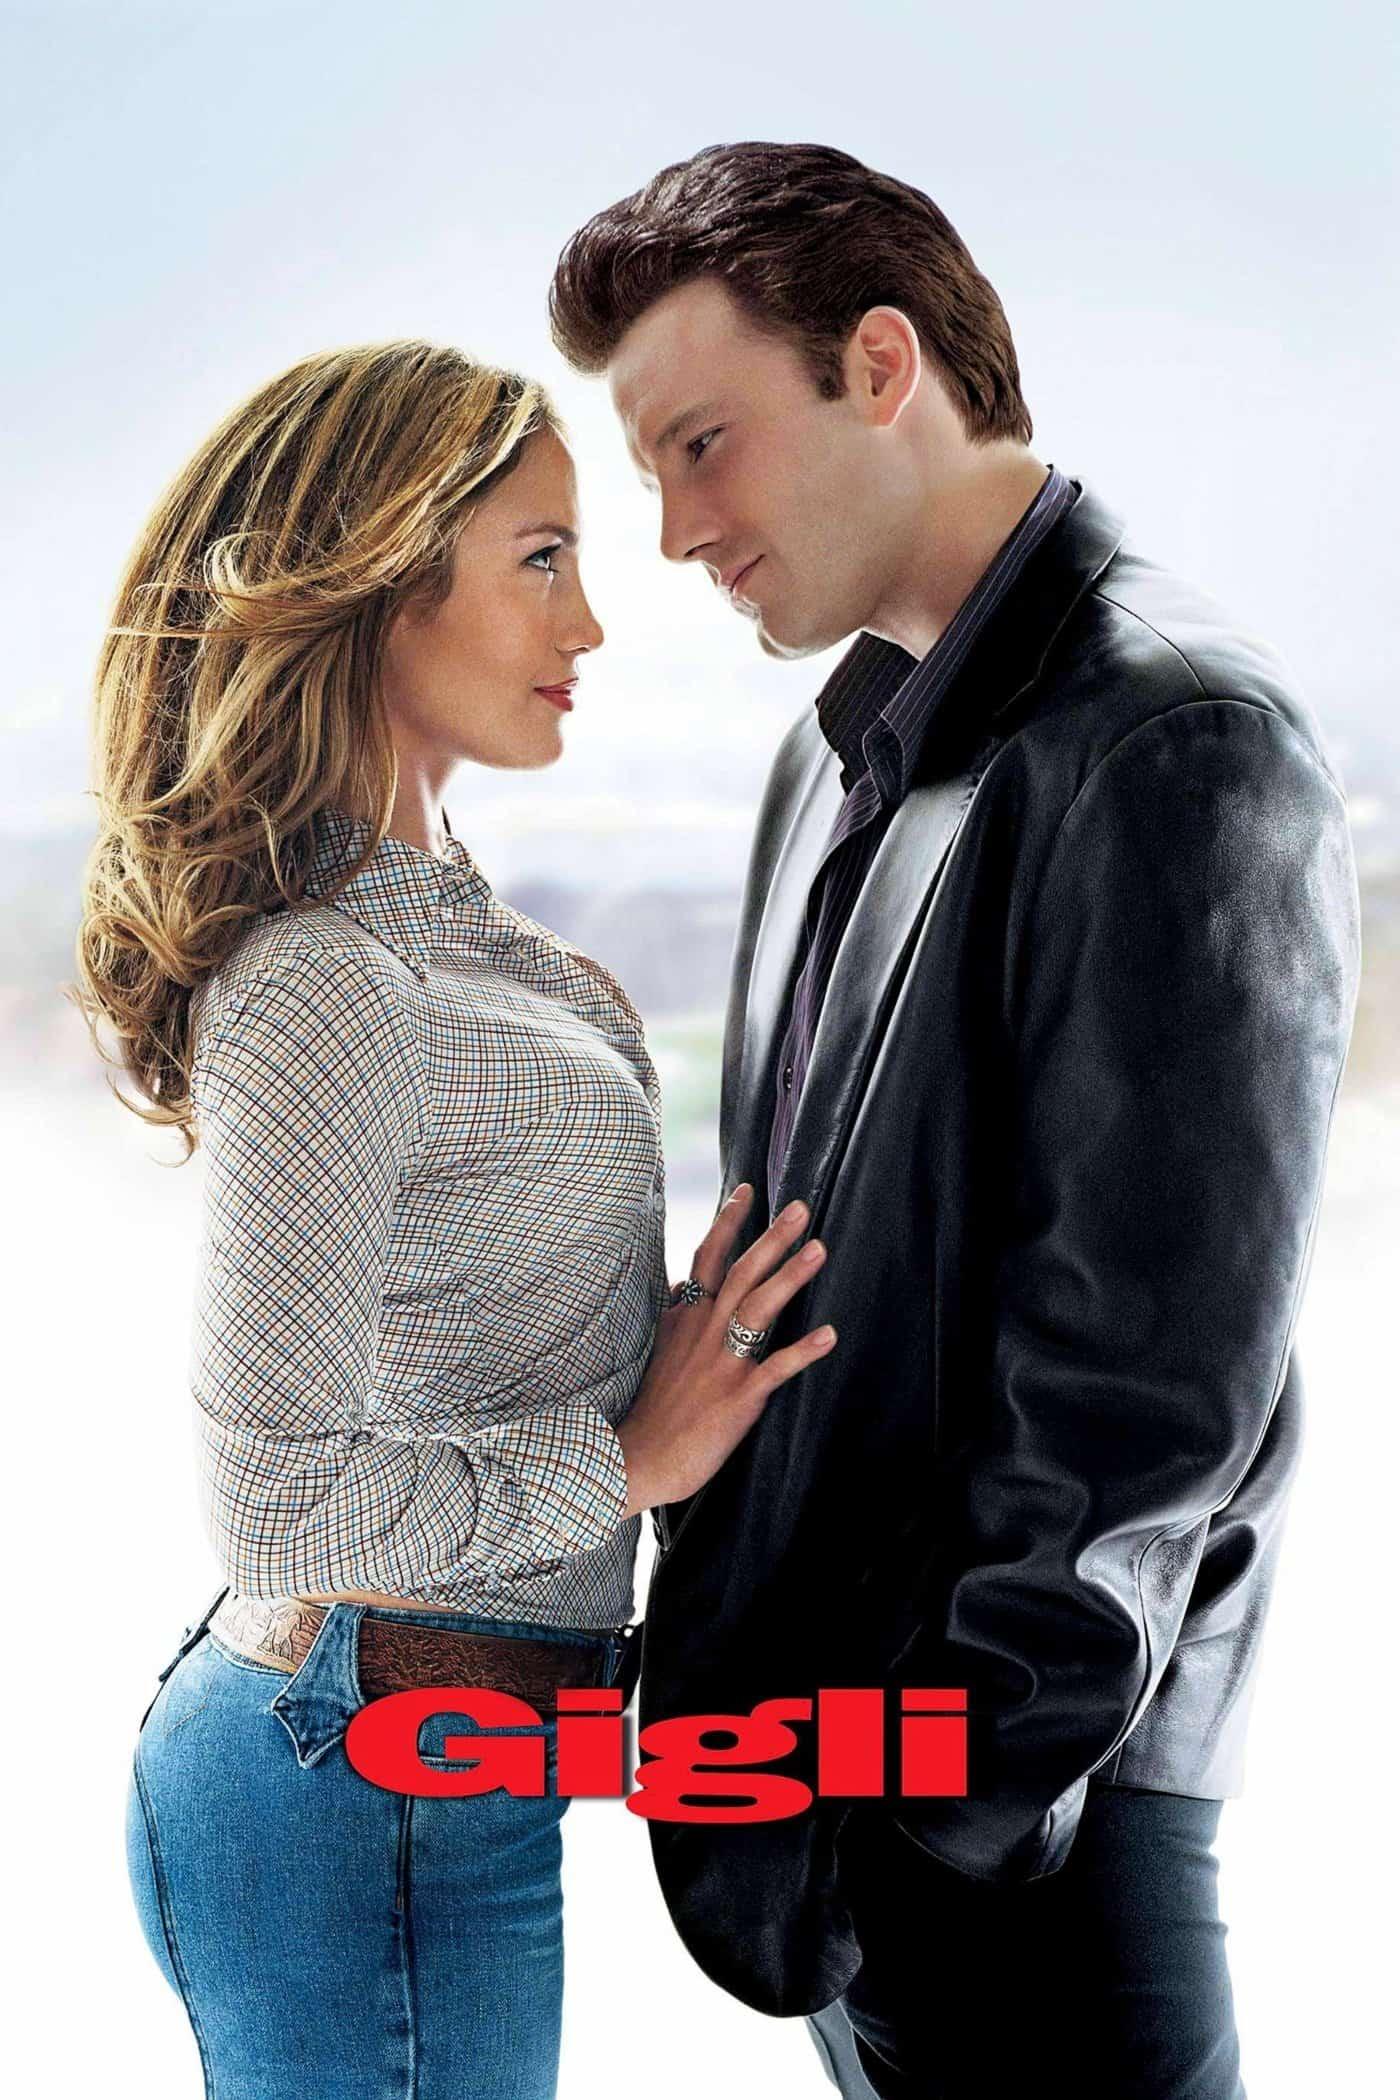 Gigli, 2003